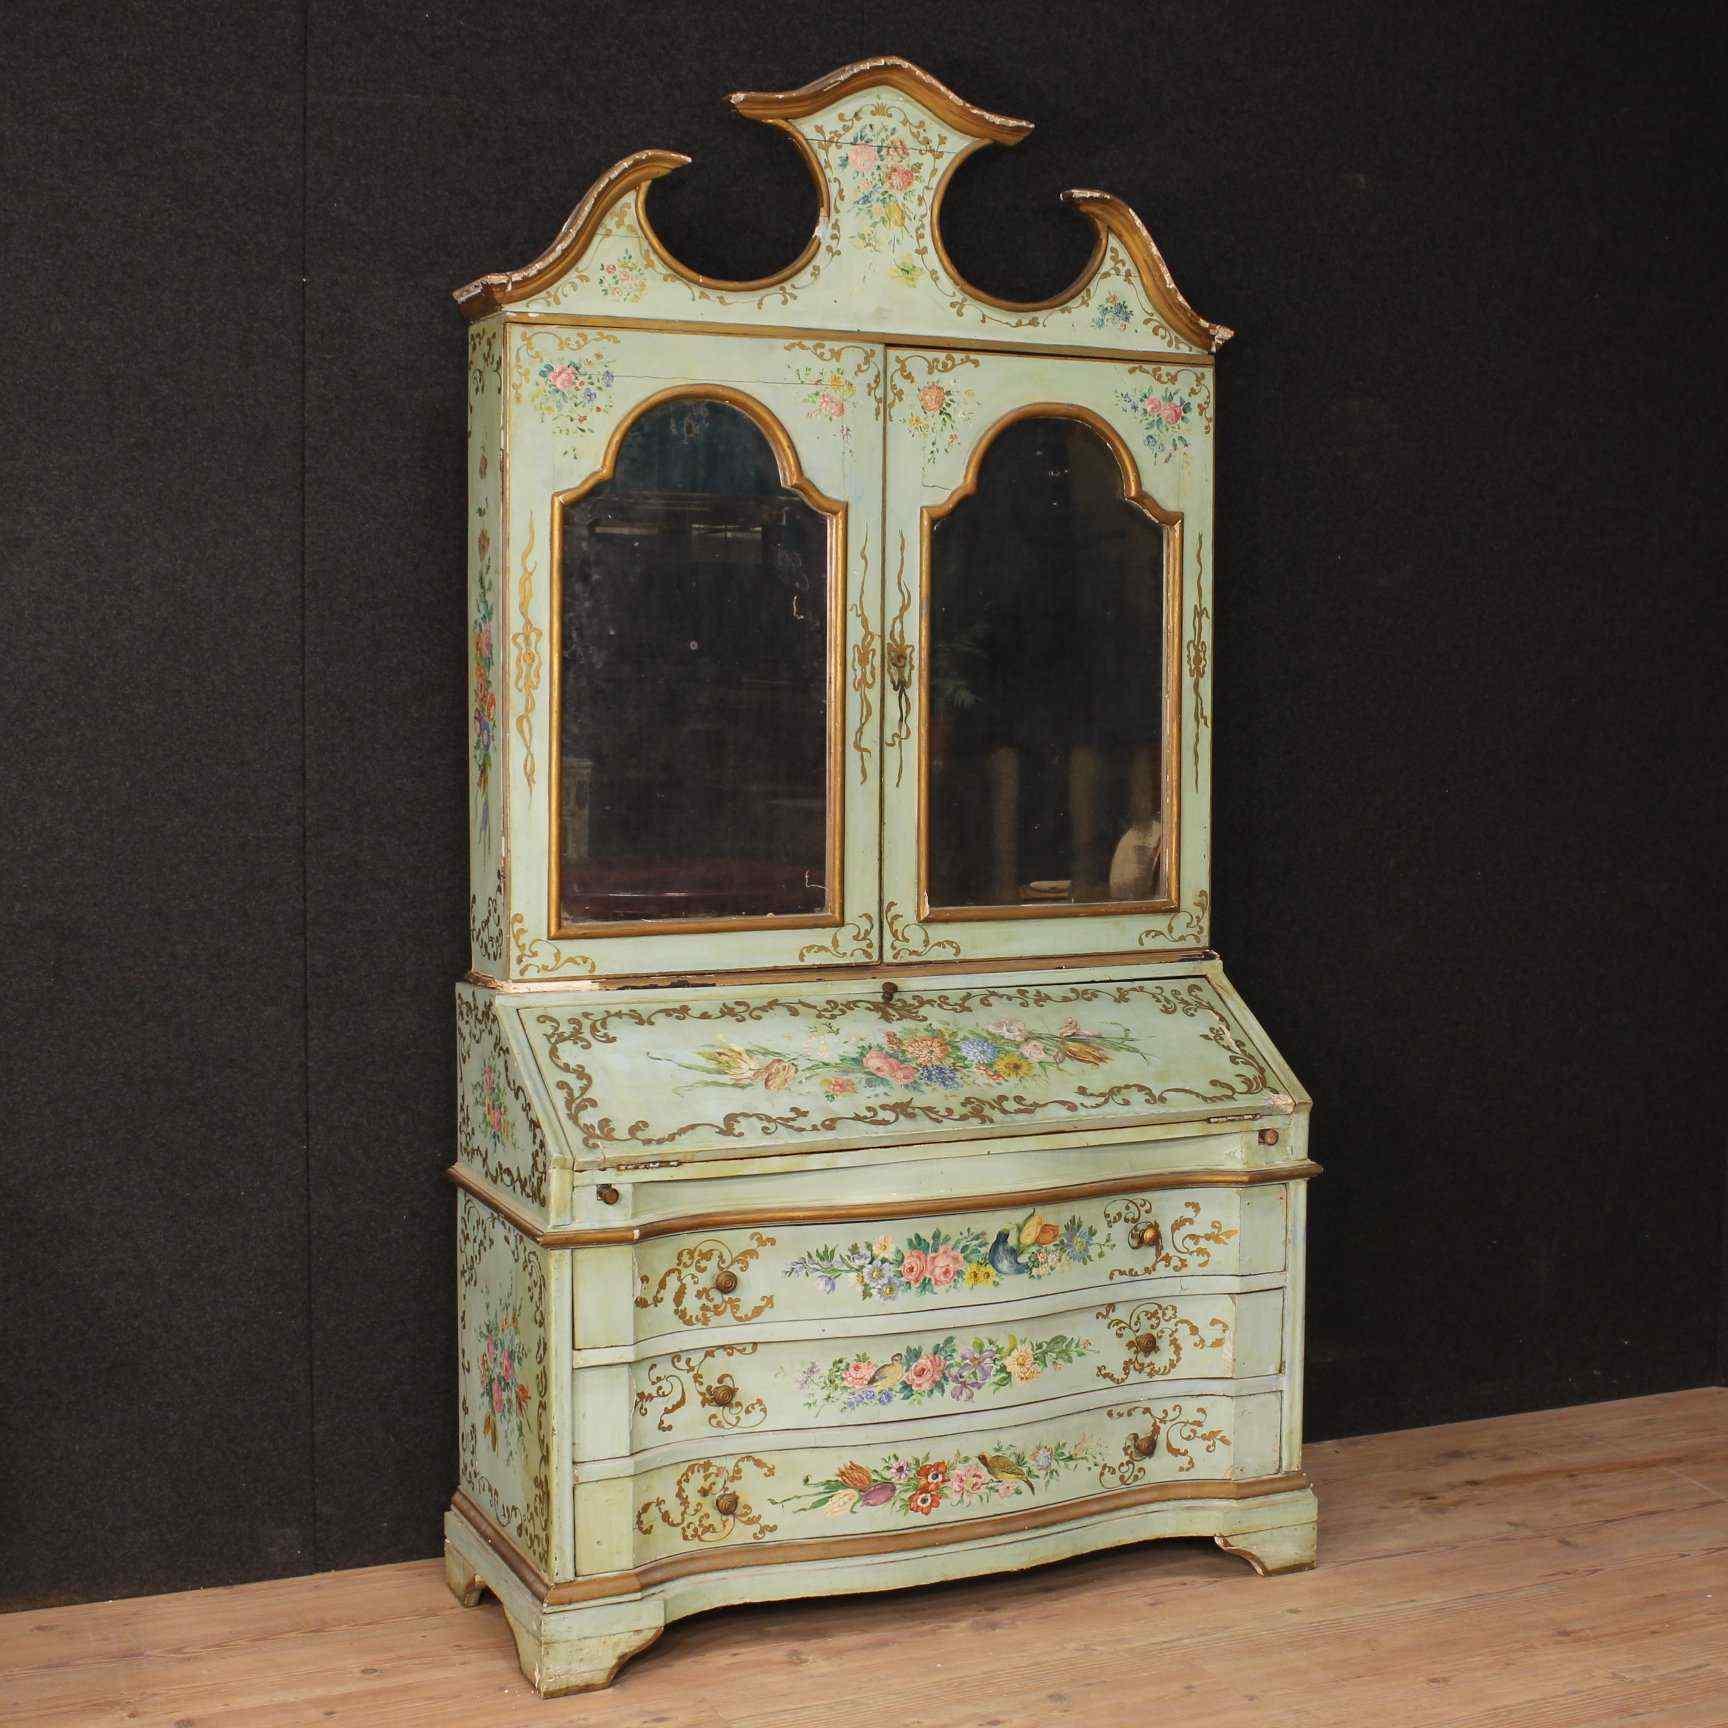 Trumeau veneziano in legno laccato e dipinto del XX secolo